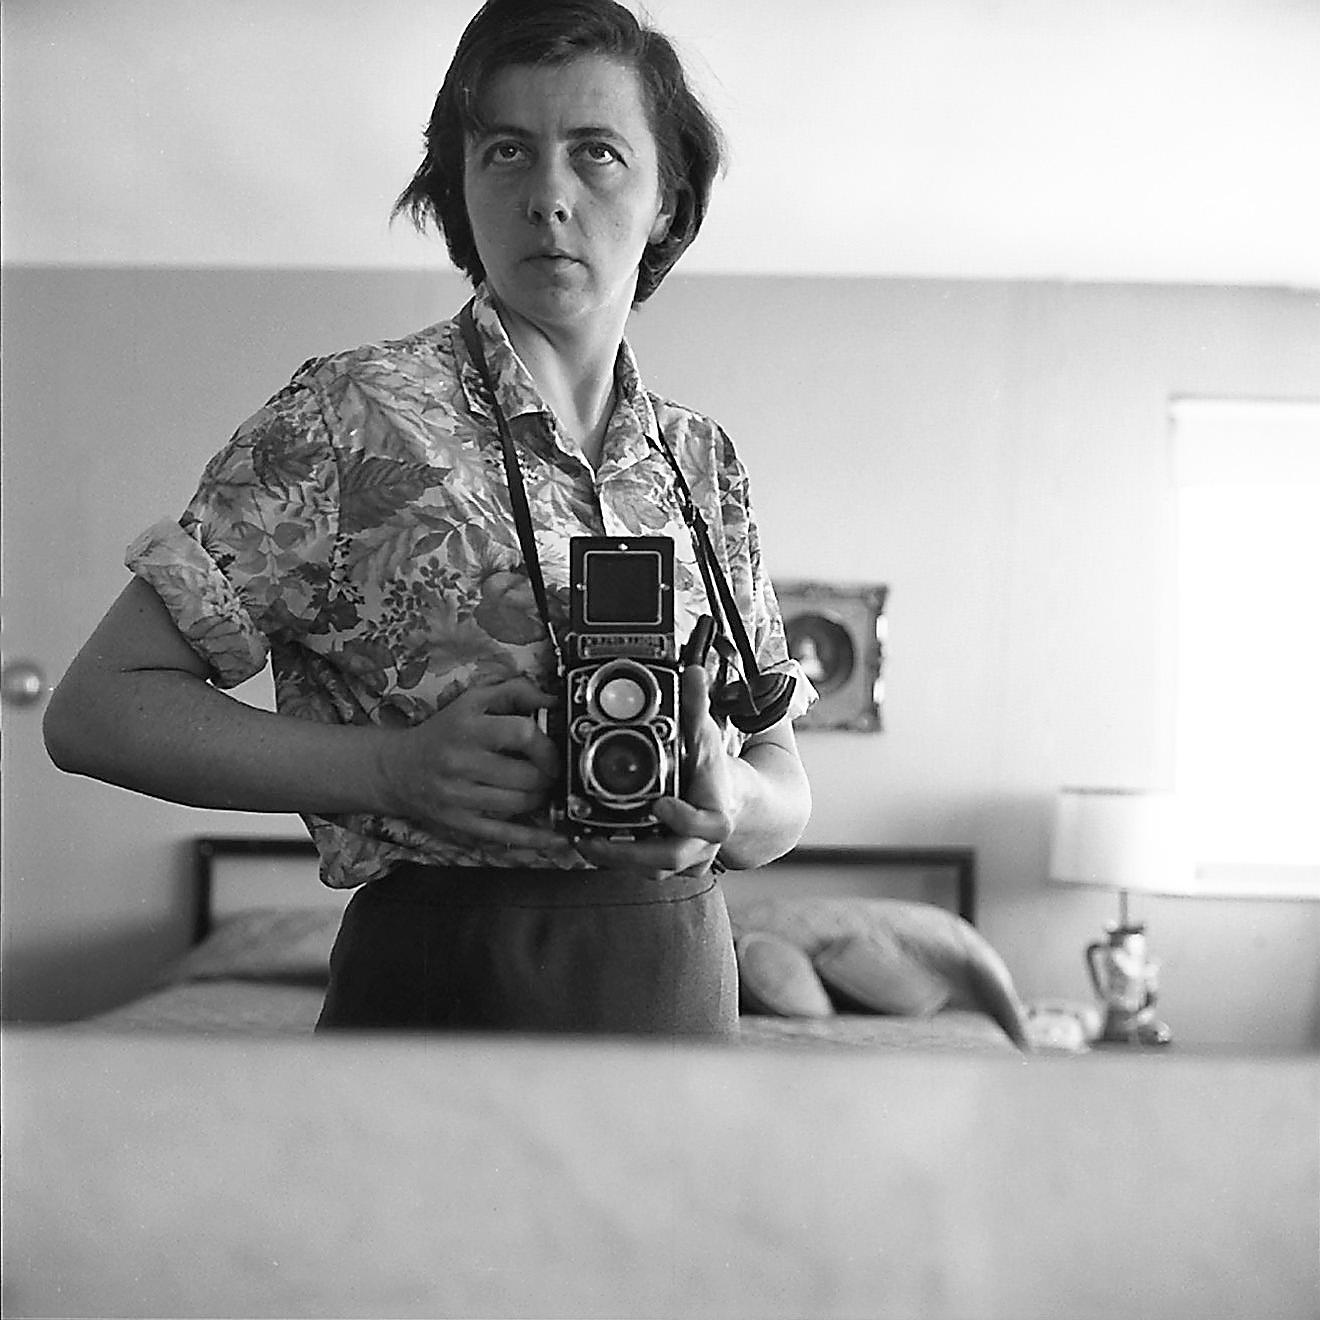 Vivian Maier Rolleiflex Camera